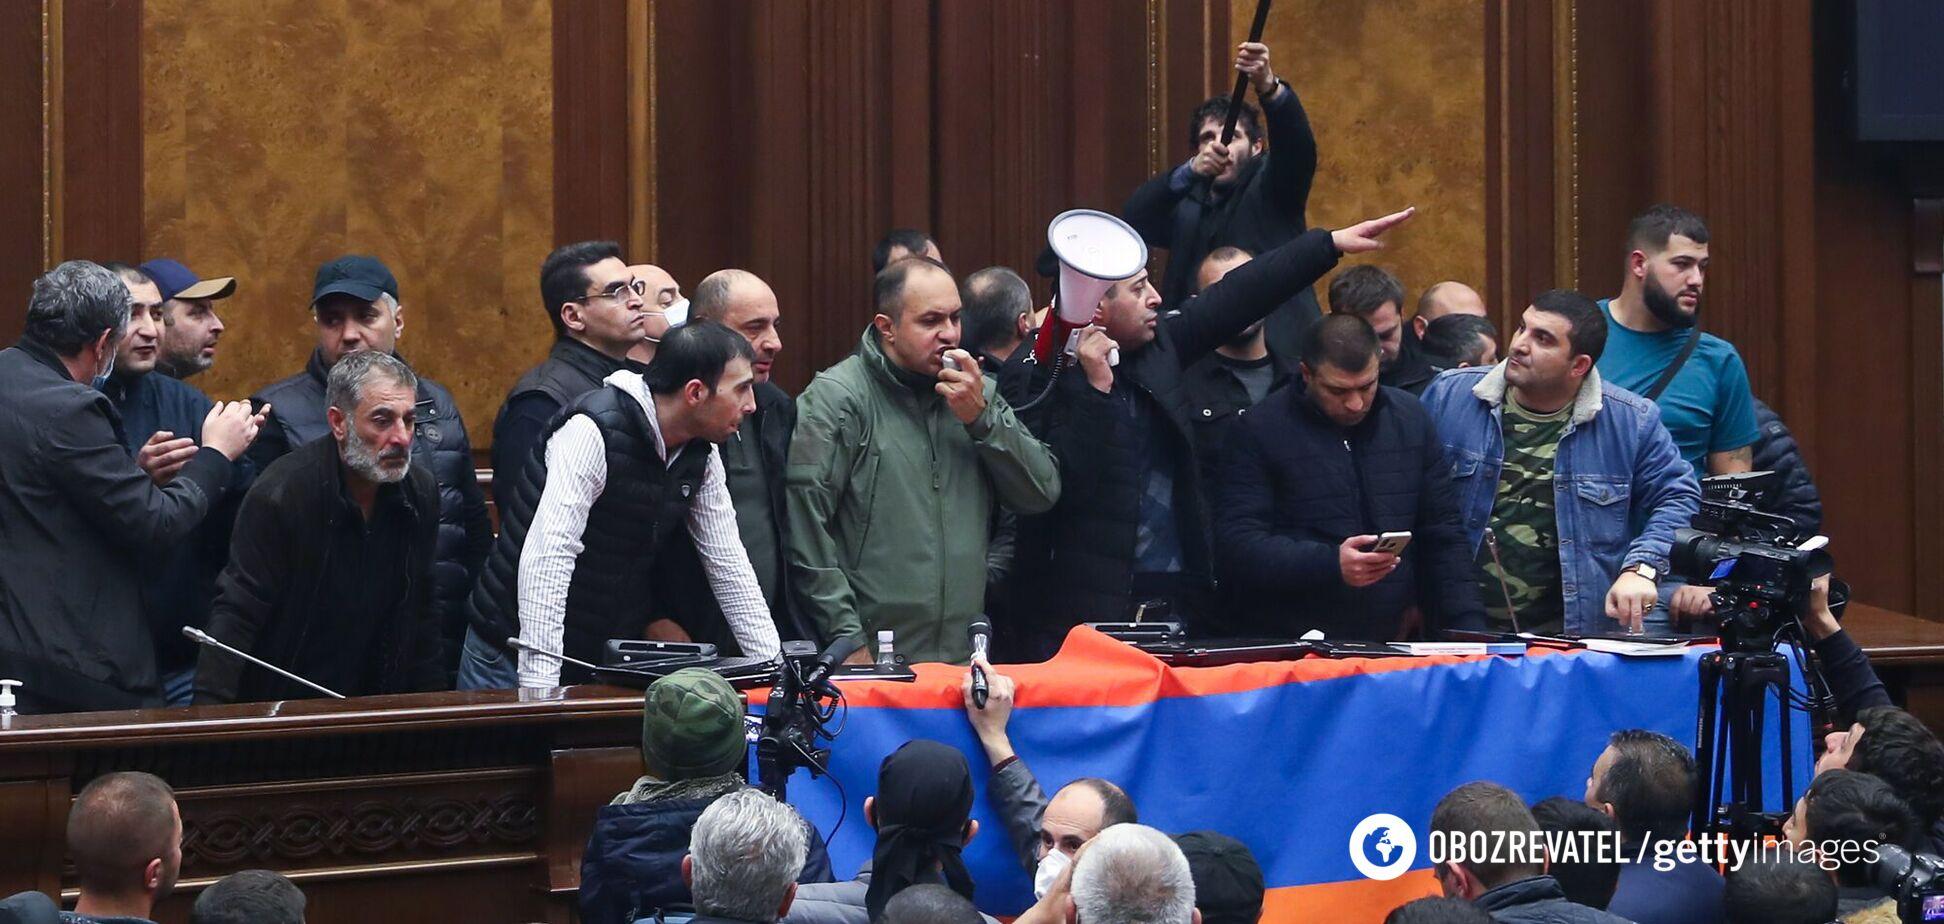 У Вірменії опозиція спробує скасувати рішення про припинення війни в Карабасі